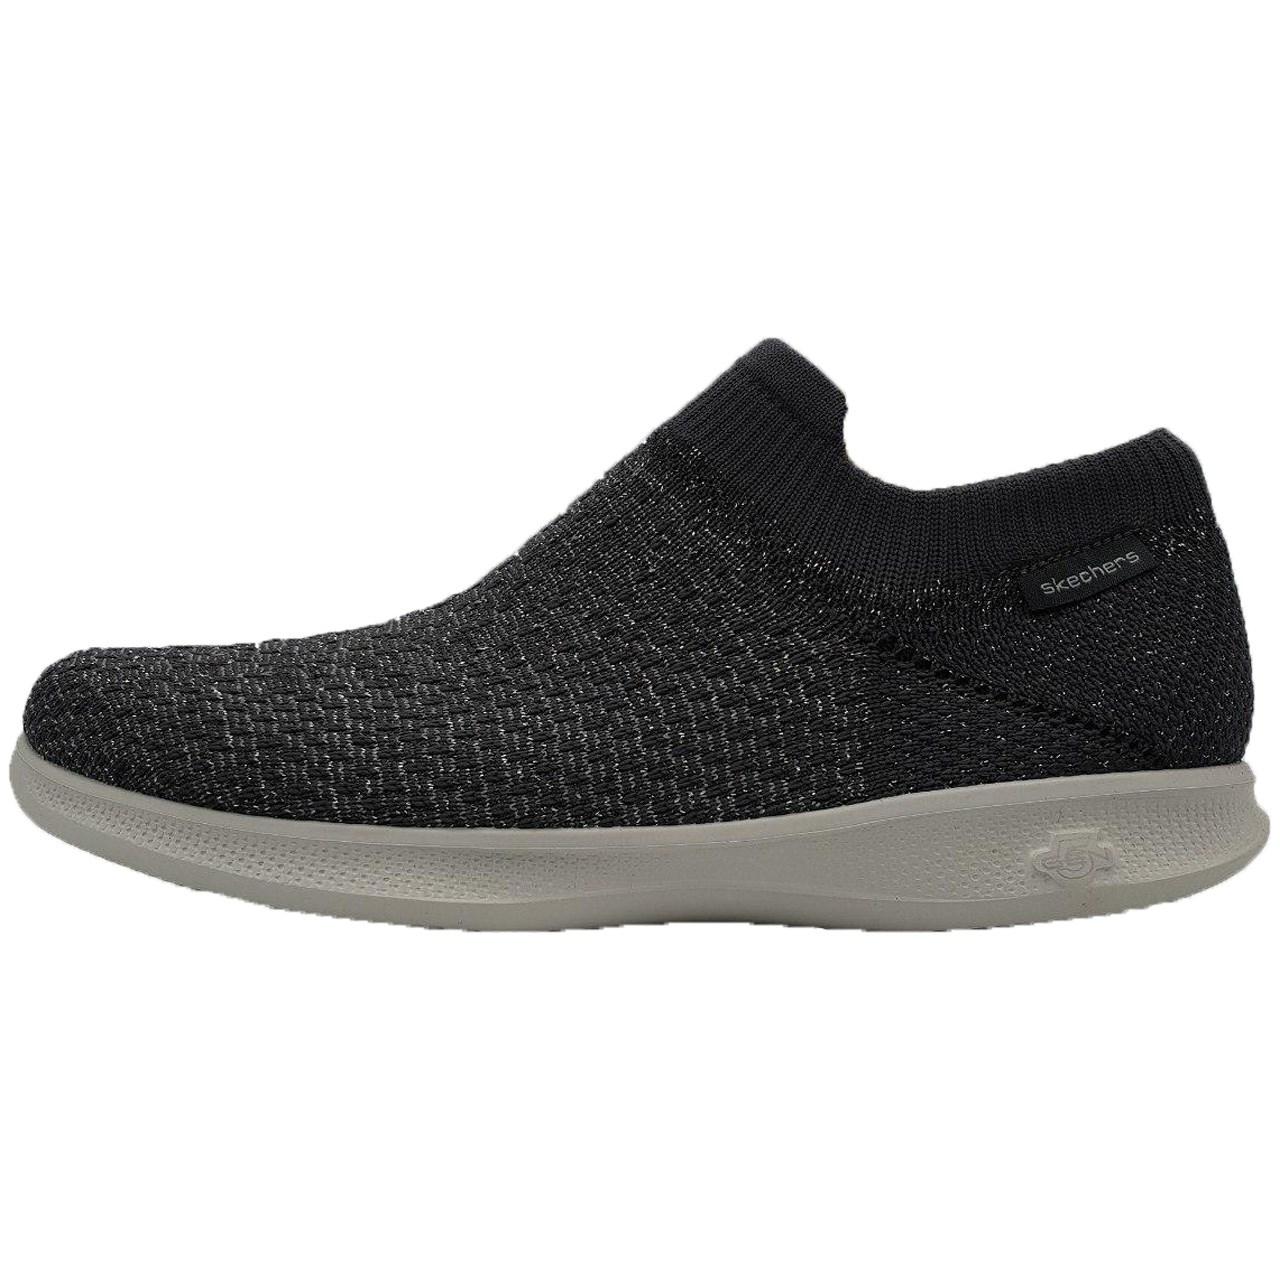 خرید کفش مخصوص پیاده روی زنانه اسکچرز مدل Go Step Lite